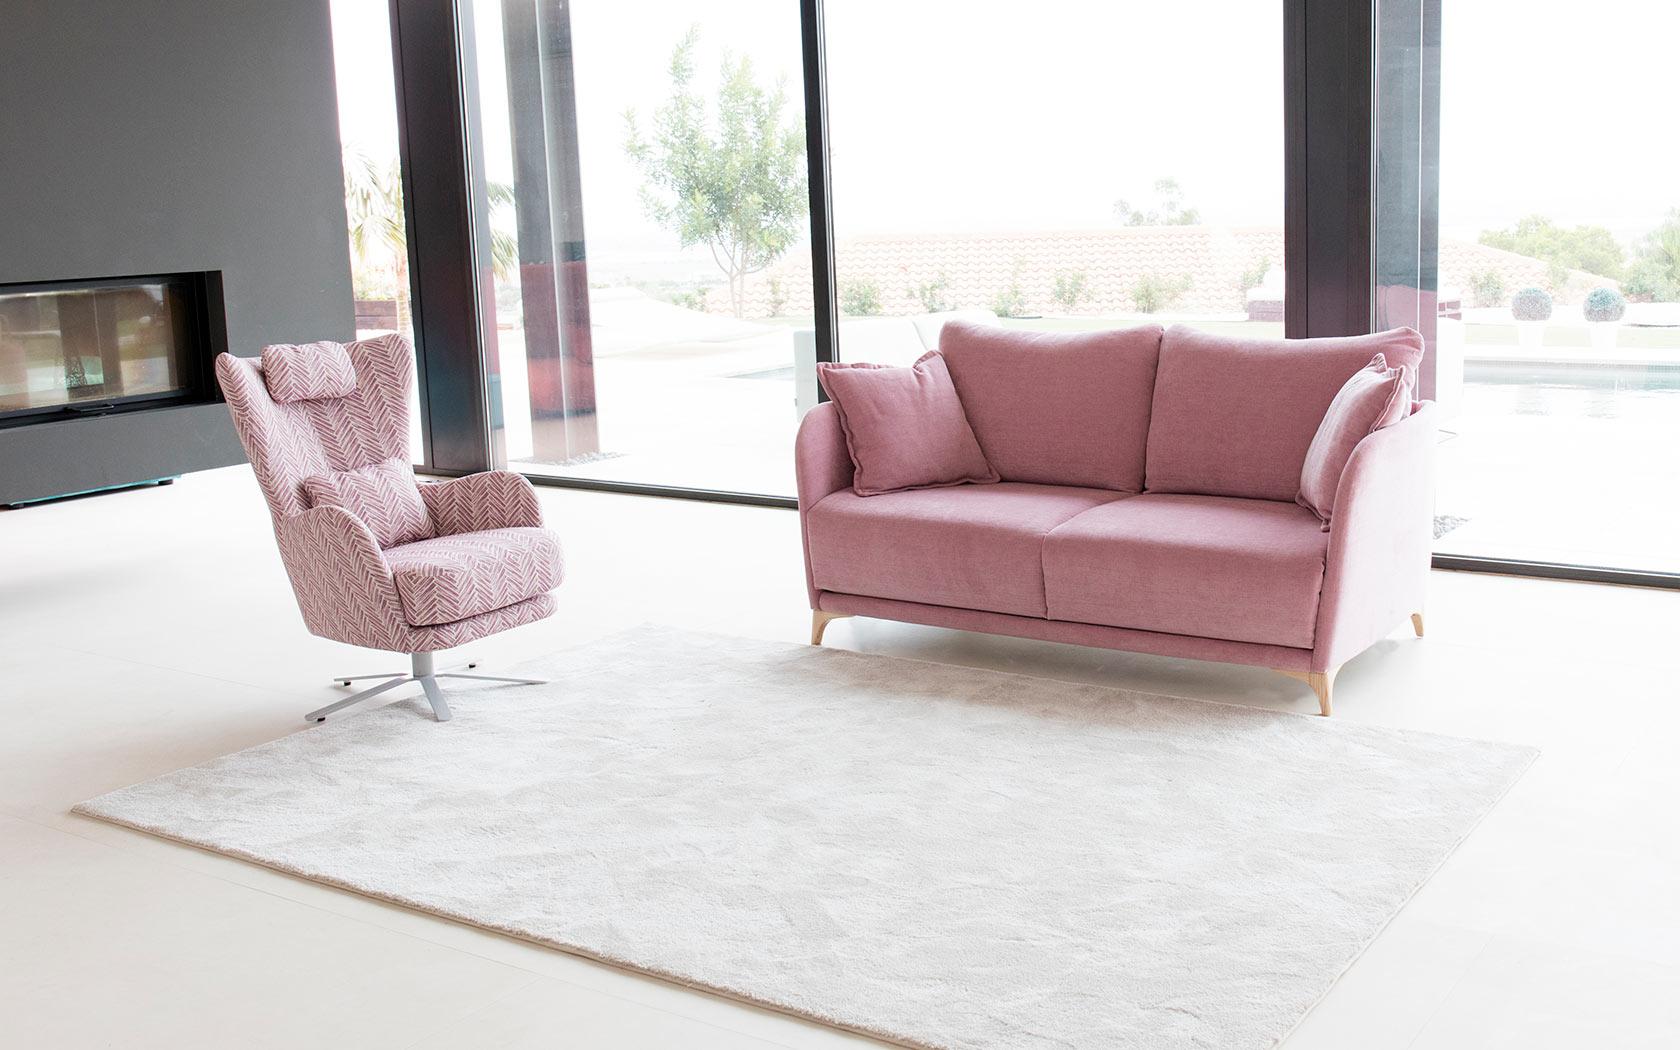 Gala sofa cama 2019 01